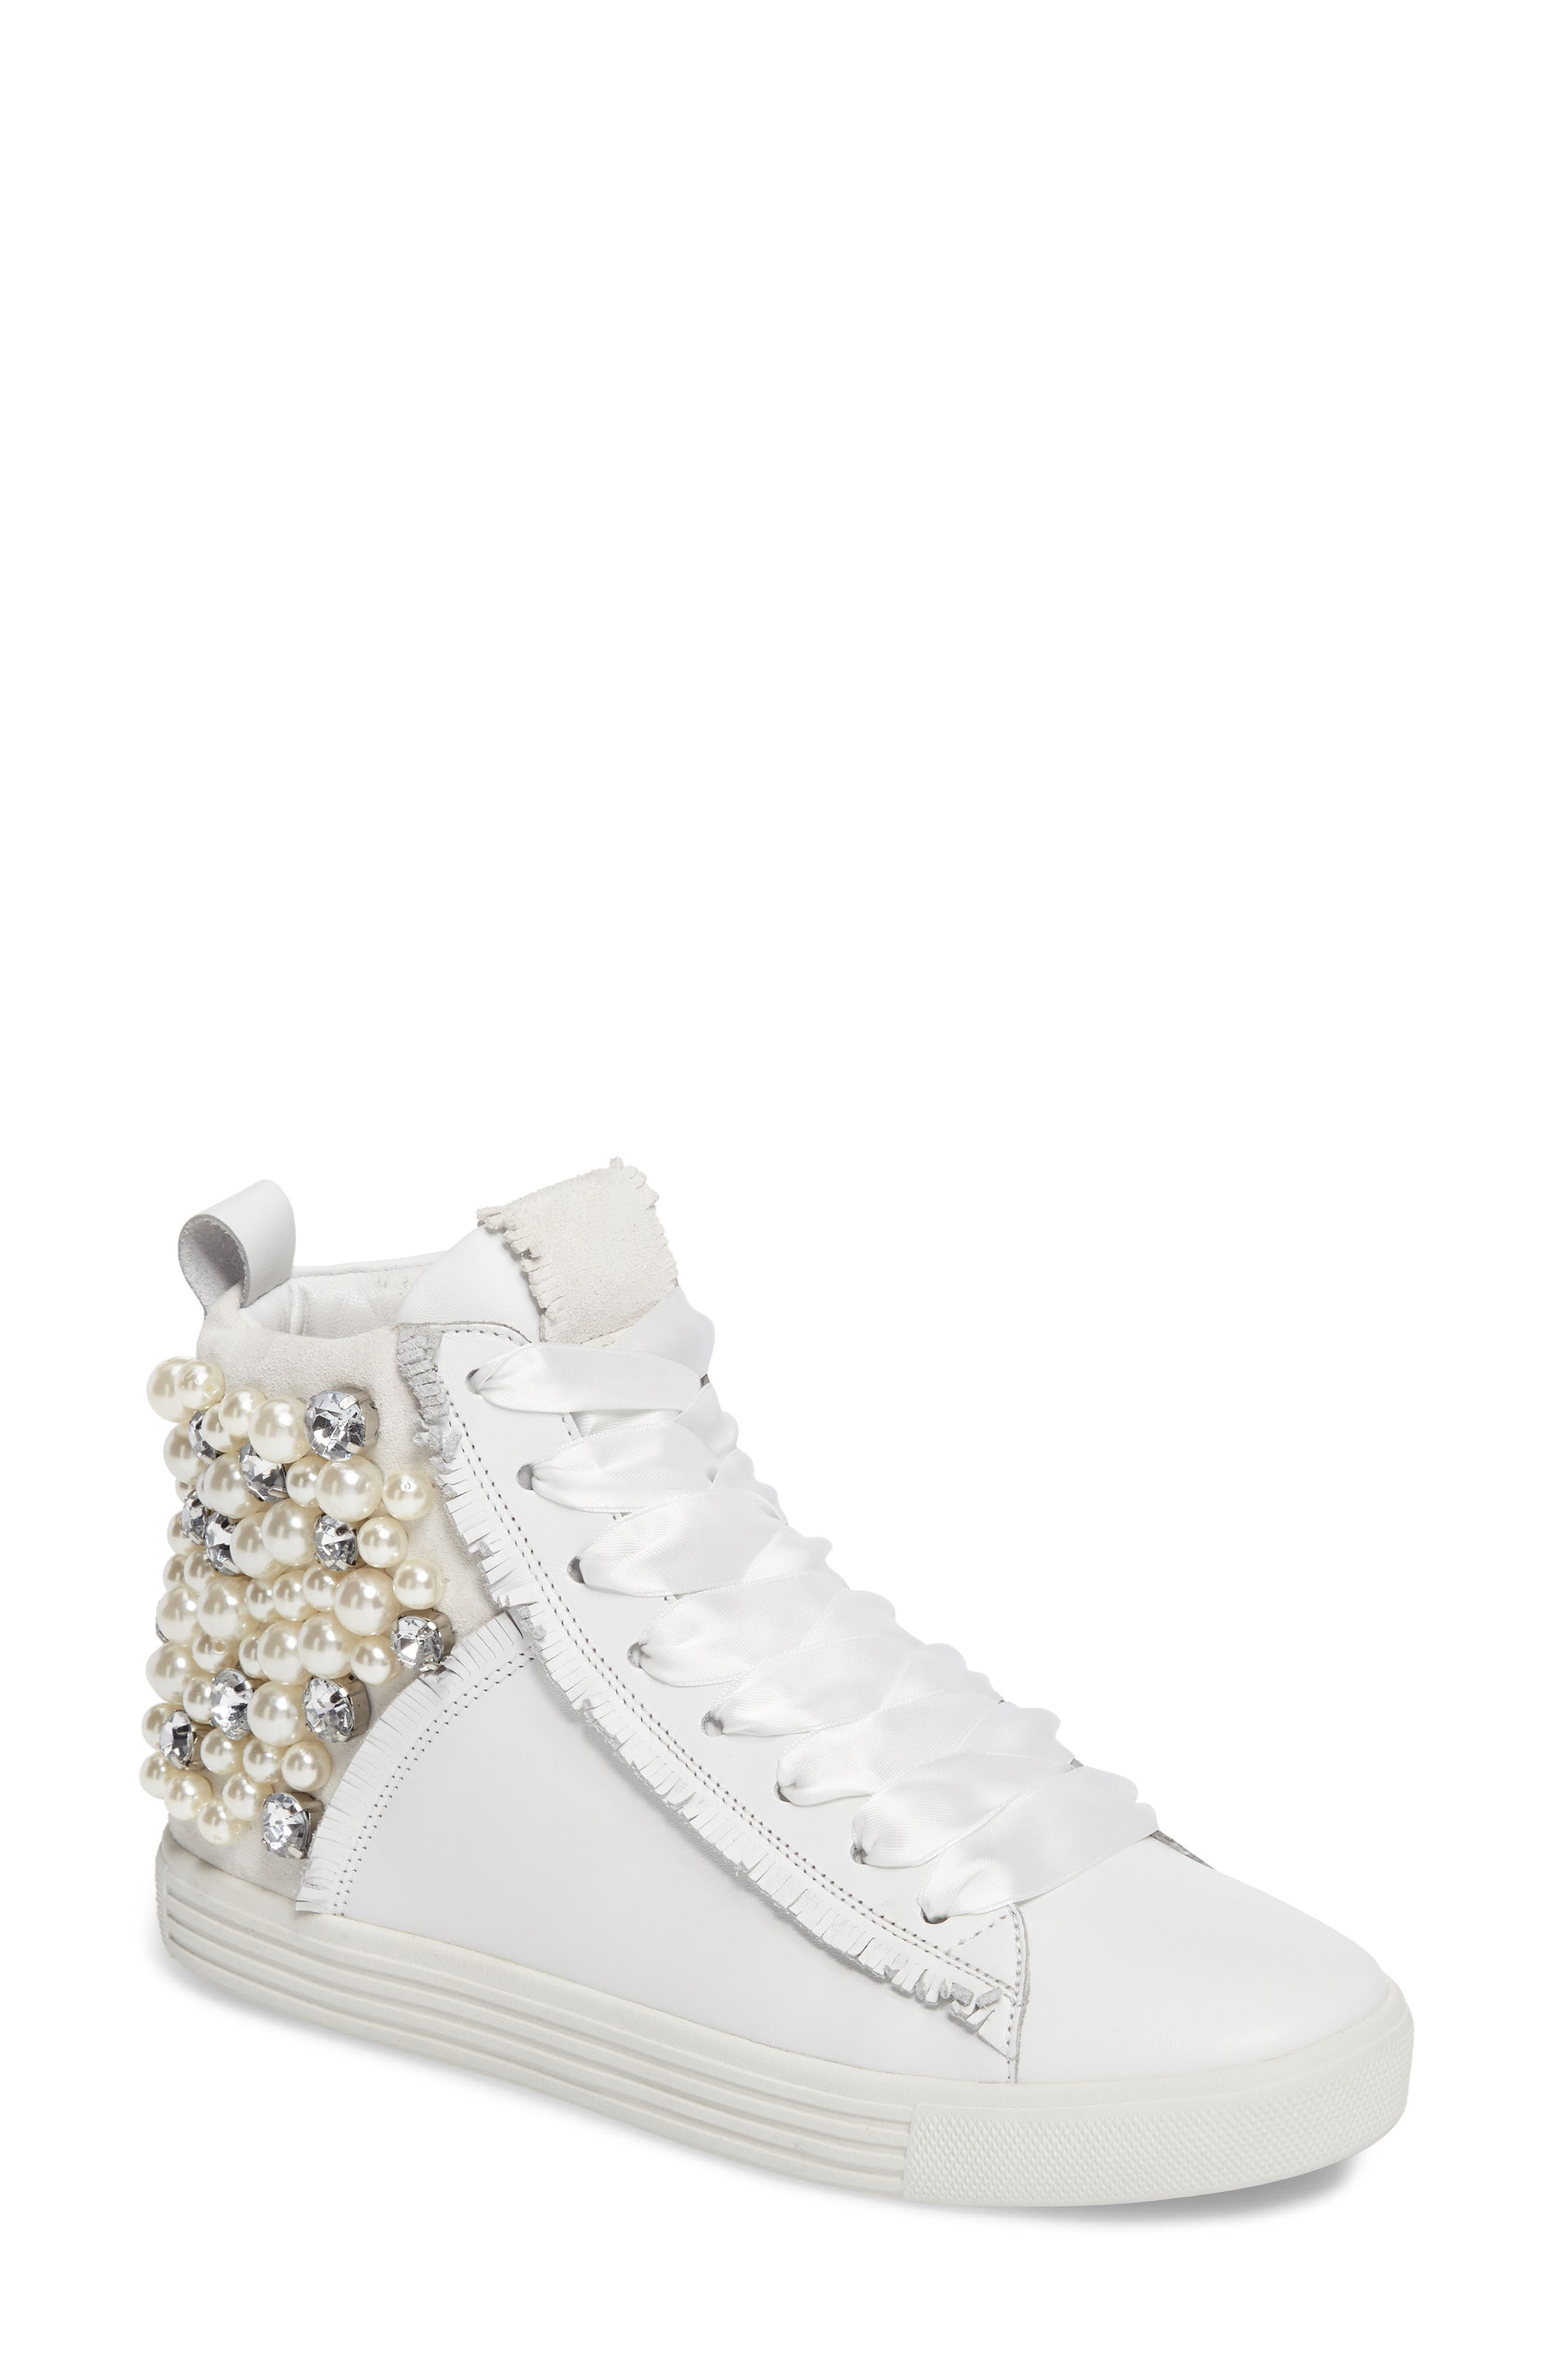 Main Image - Kennel & Schmenger Town Flower High Top Sneaker (Women)